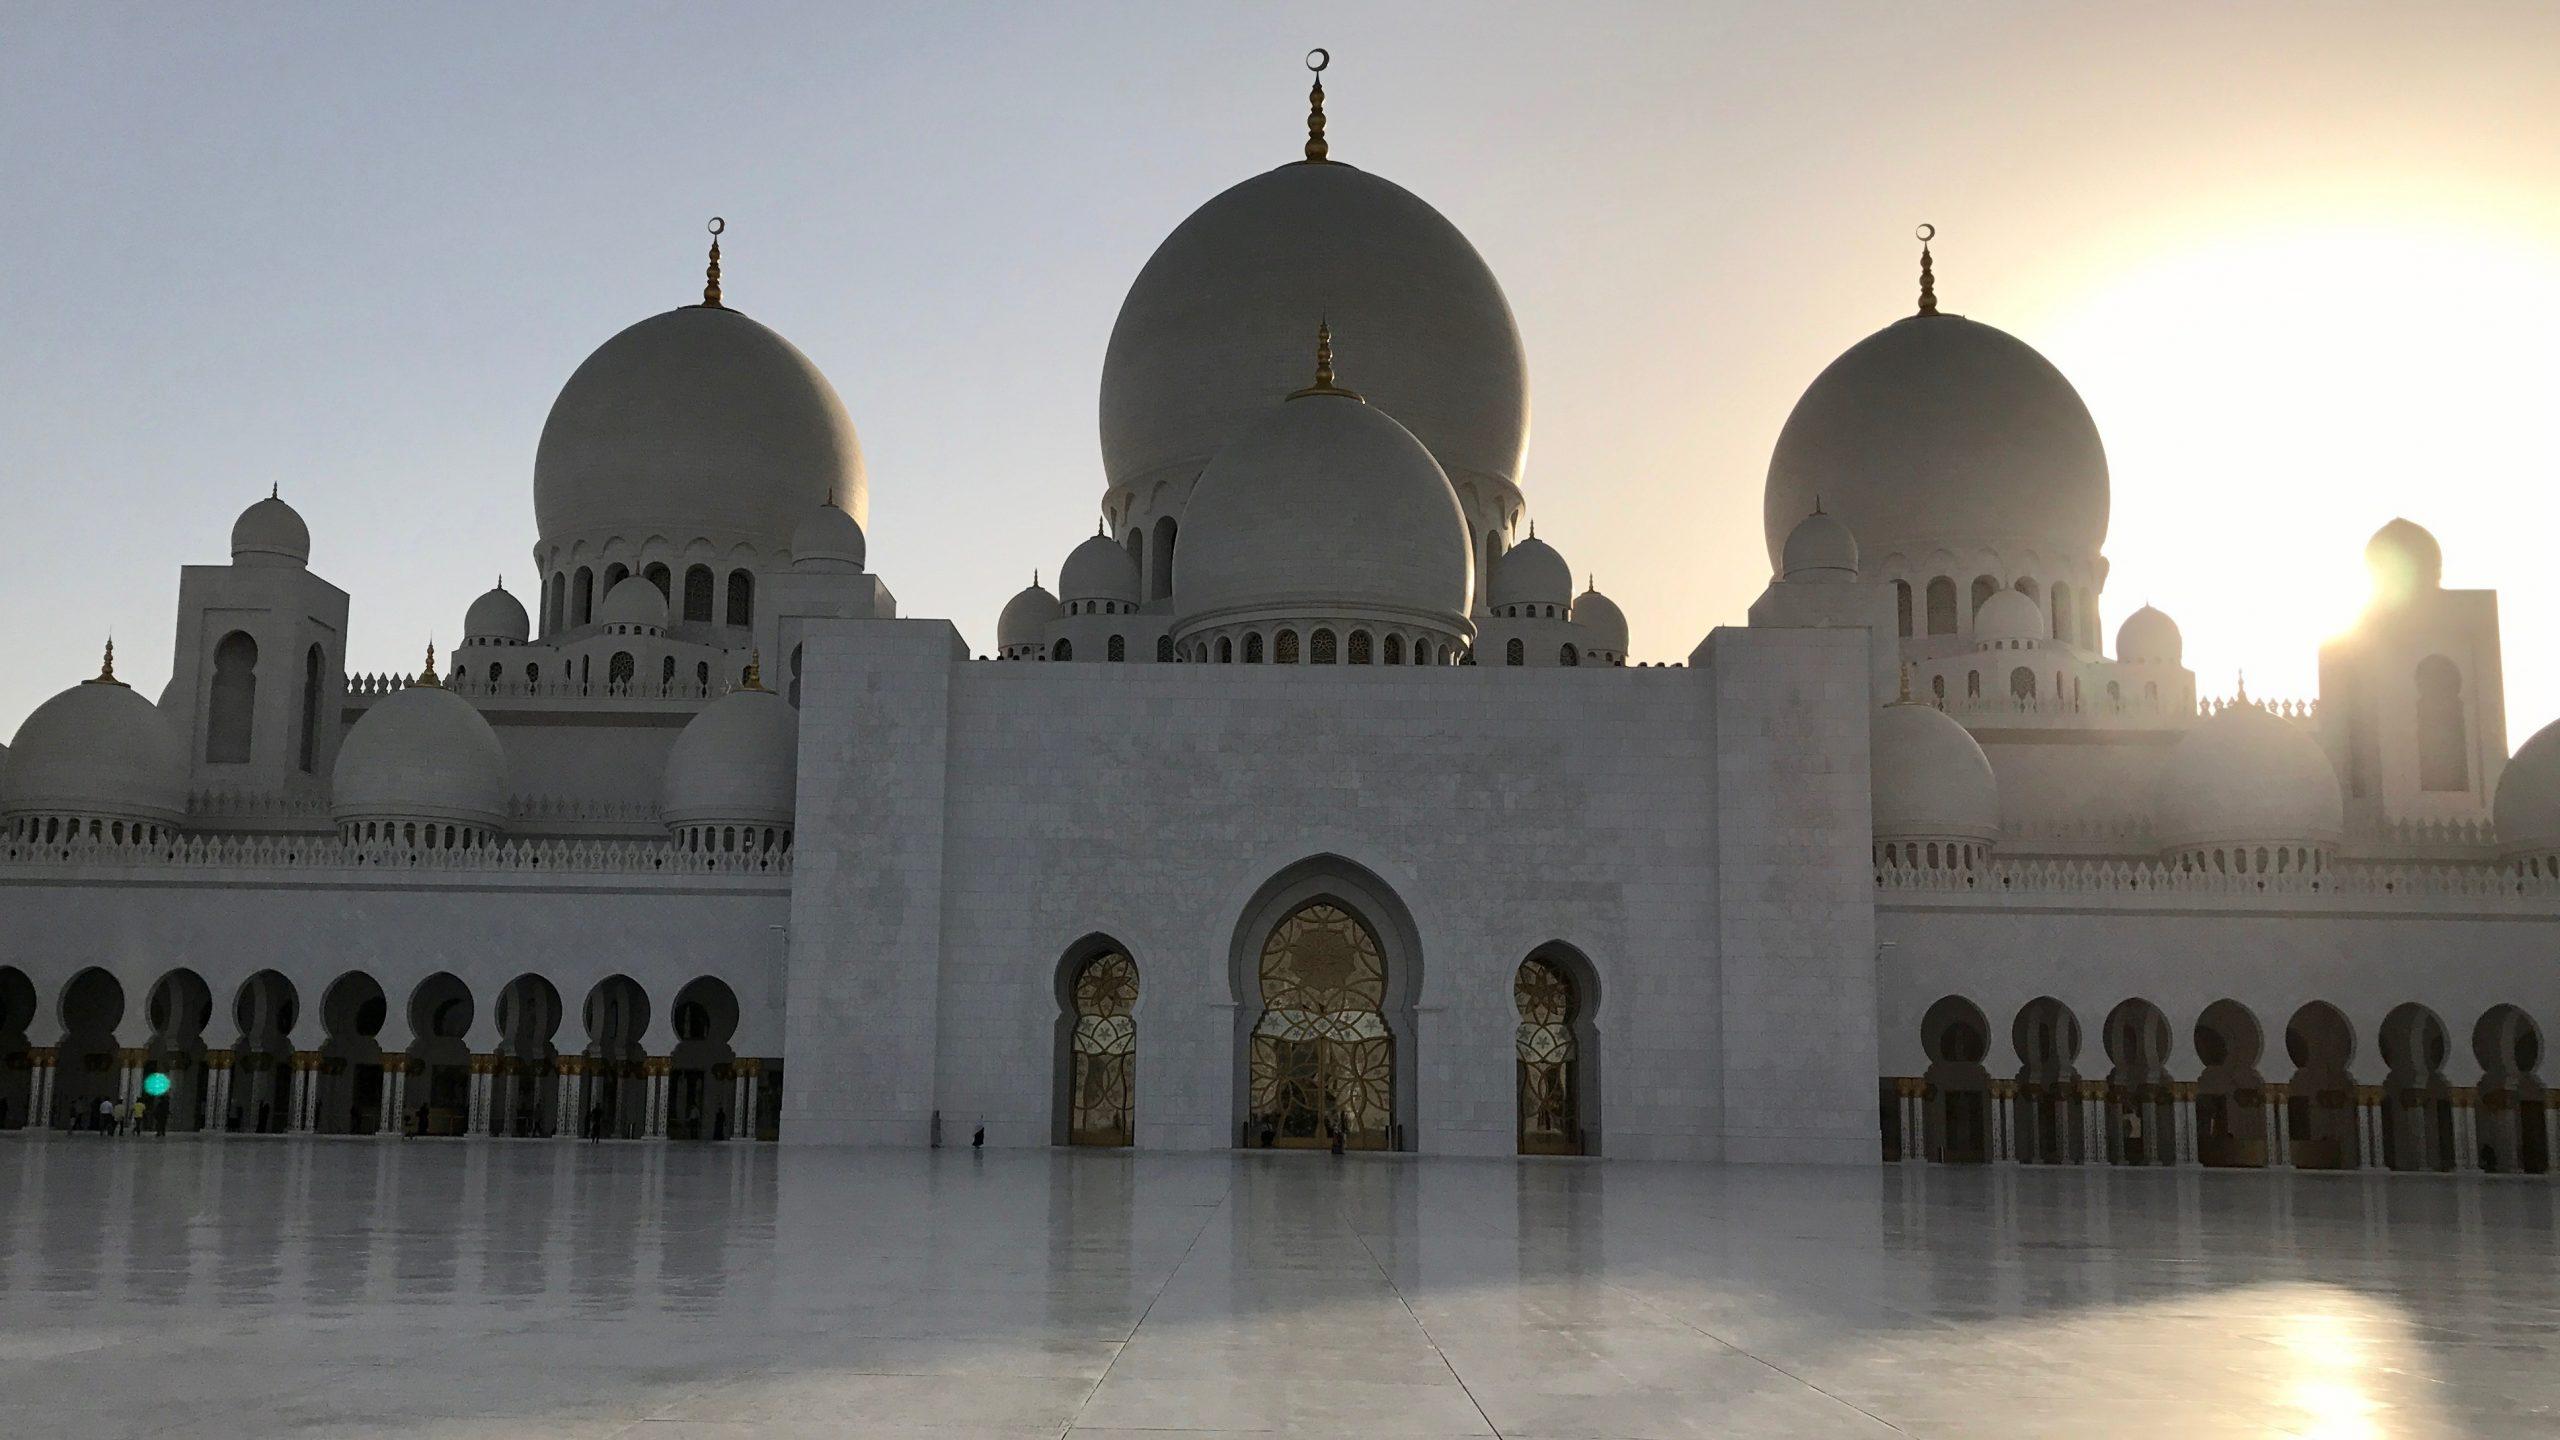 Scheich-Zayid-Moschee in Abu Dhabi beim Sonnenuntergang. Die weiße Außenfassade ist leicht im Schatten, wunderschöne Schattenspiegelungen sendet die untergehende goldgelbe Sonne auf dem blitzblanken Marmorboden.